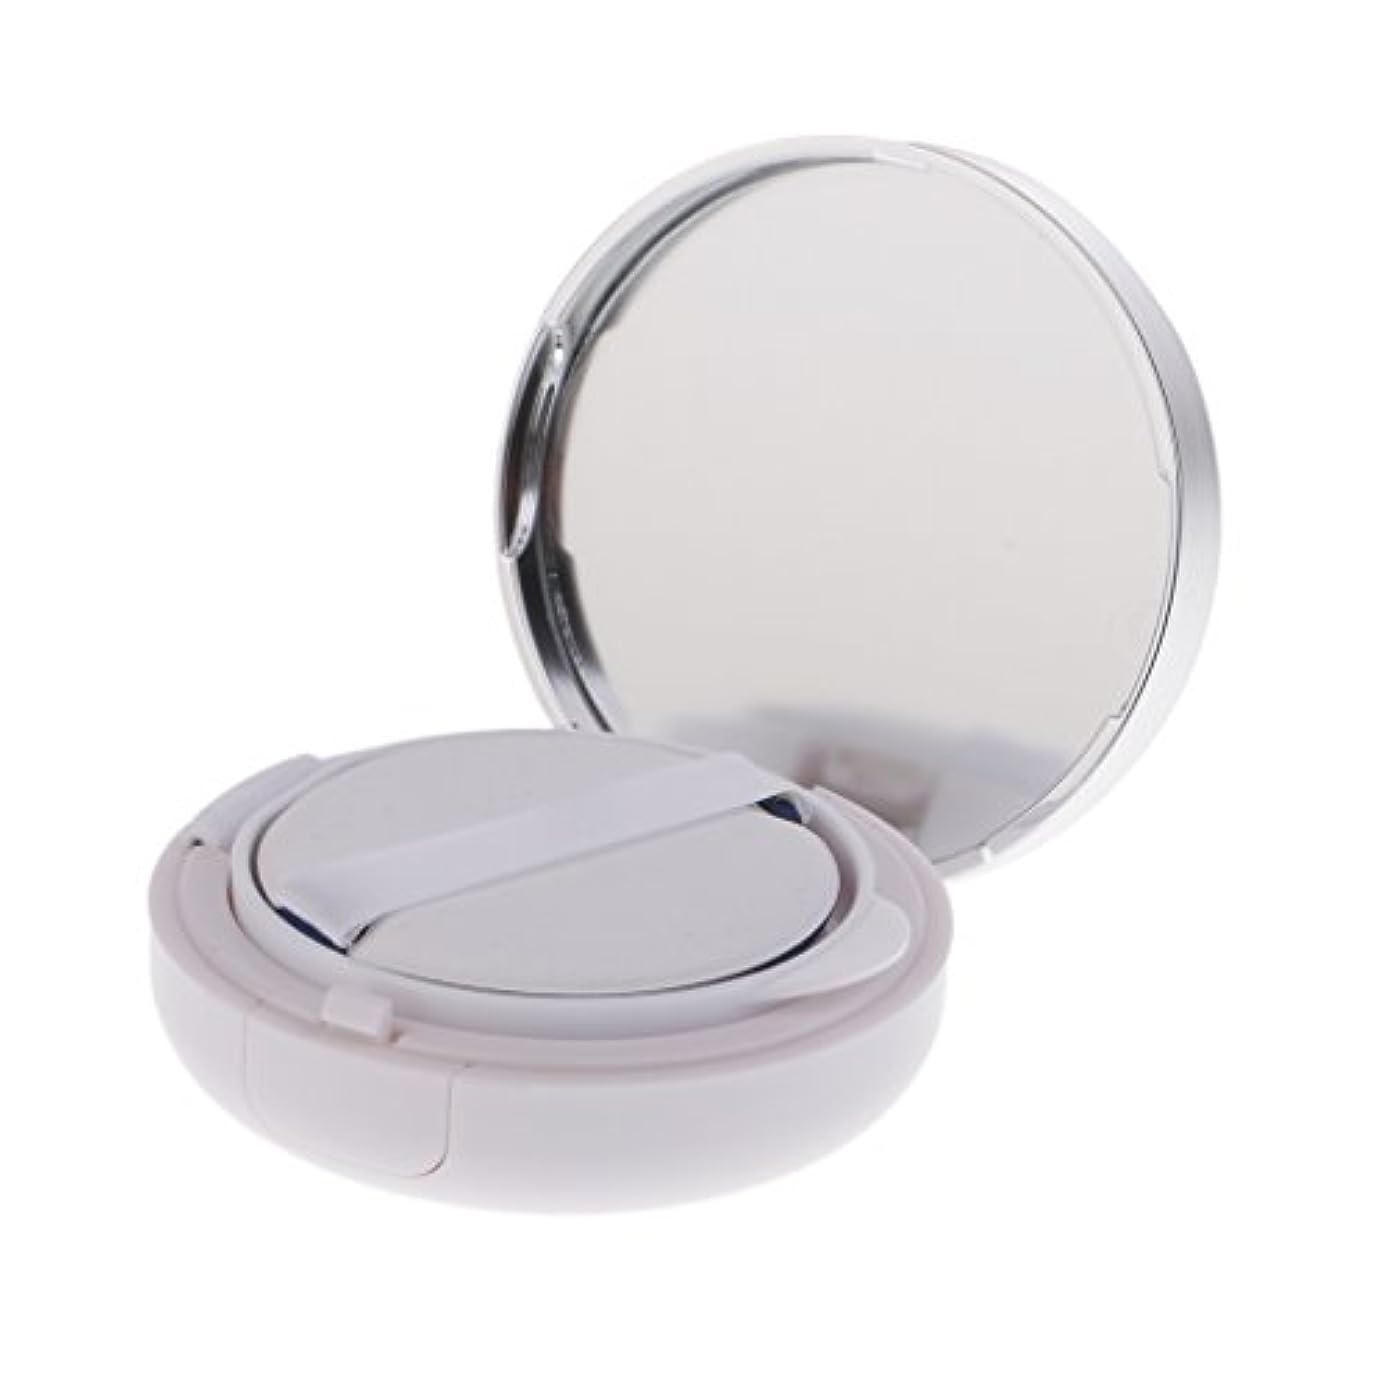 何でもめったにもちろんFenteer メイクアップパウダーコンテナ 空ファンデーションケース メイクパウダー エアクッション パフ BBクリーム 容器 15g 2色選べる - 銀